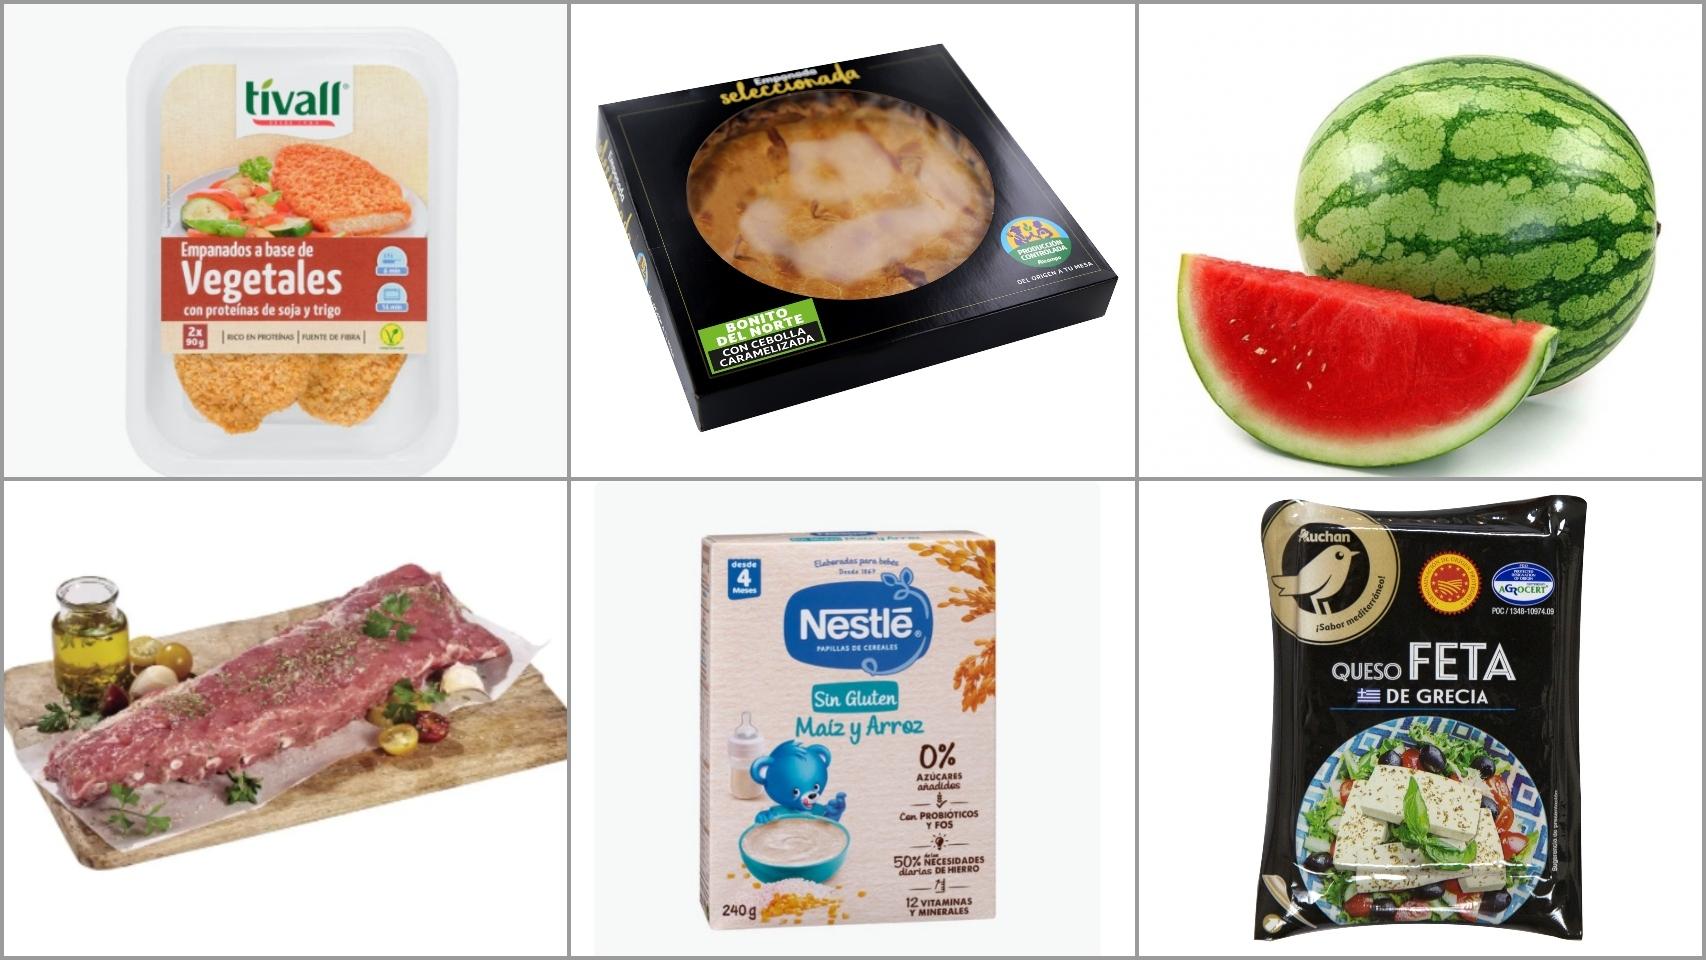 Las 25 novedades de Mercadona, Lidl, Aldi, Alcampo y Carrefour: costillas, setas, cereales...